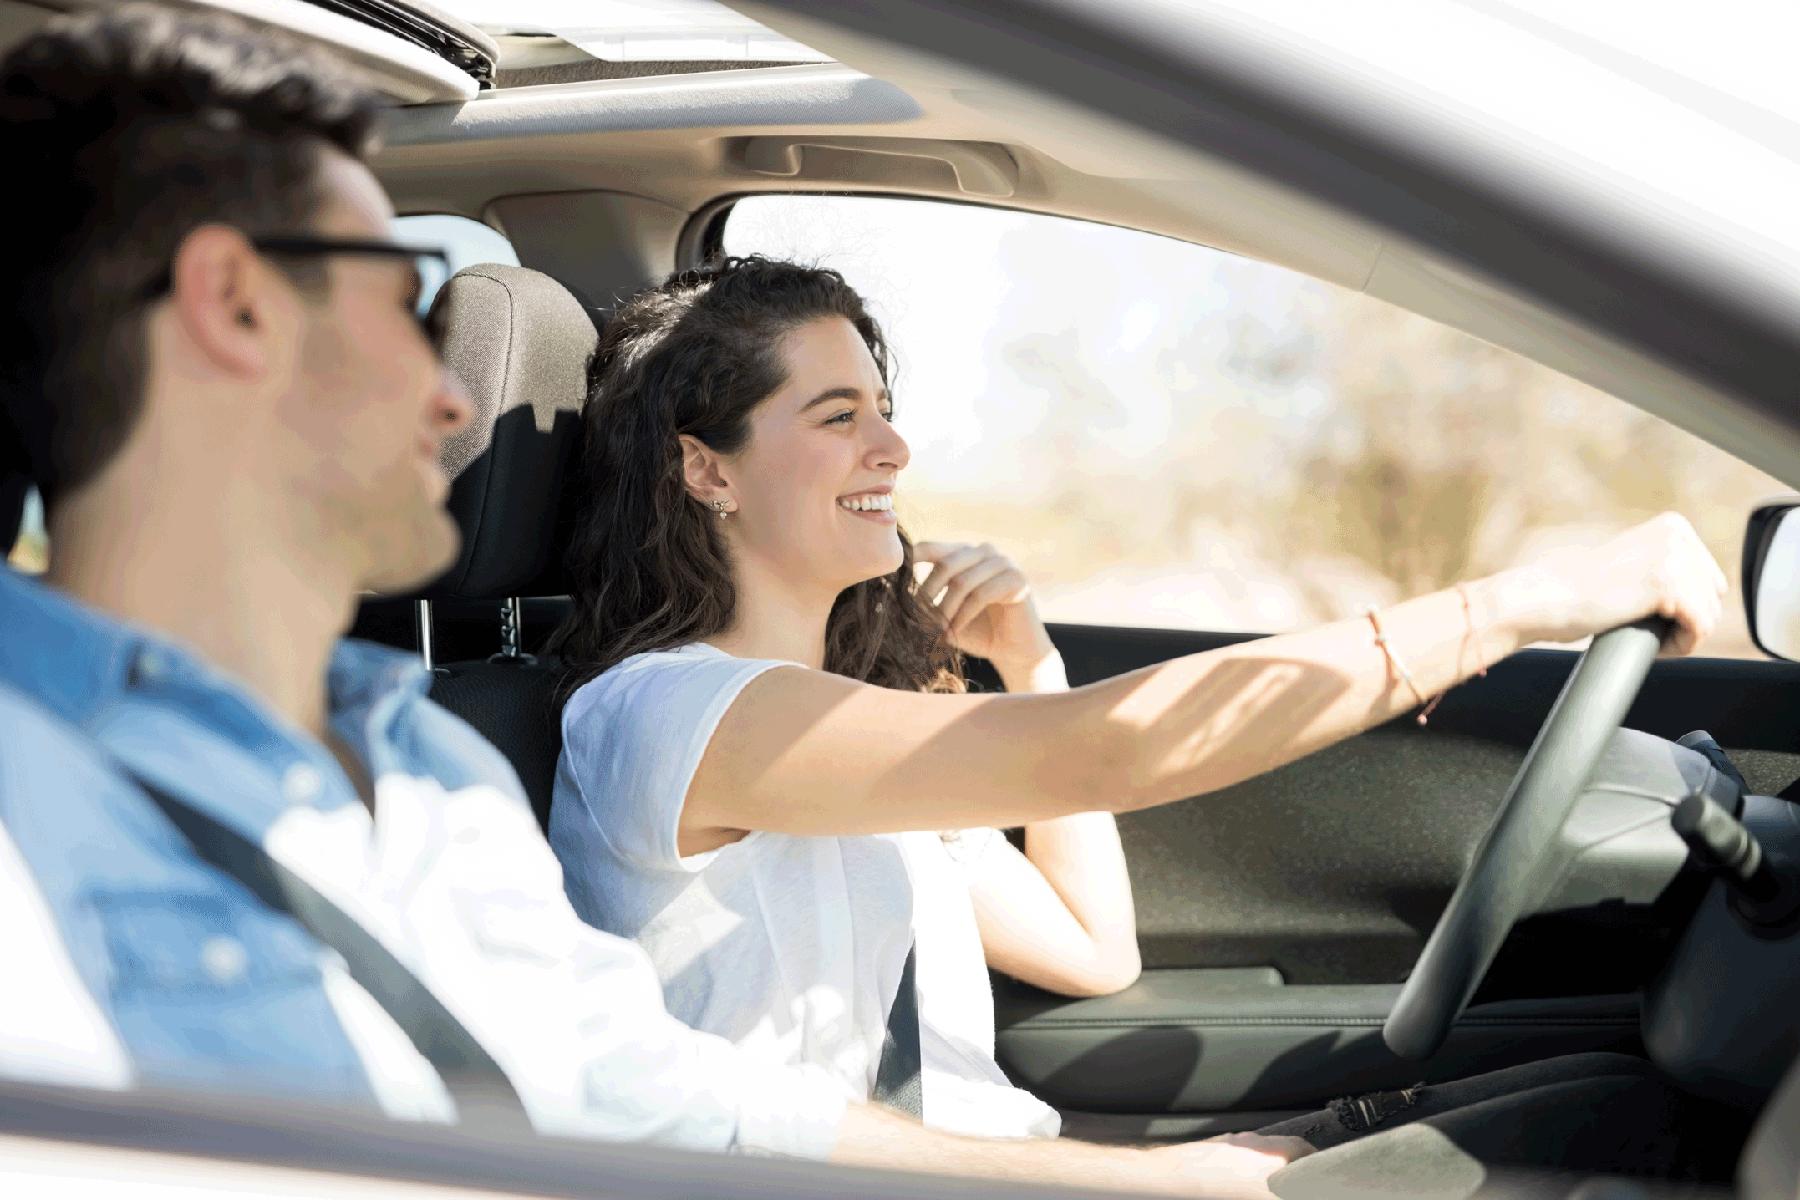 Drittfahrer-Schutz